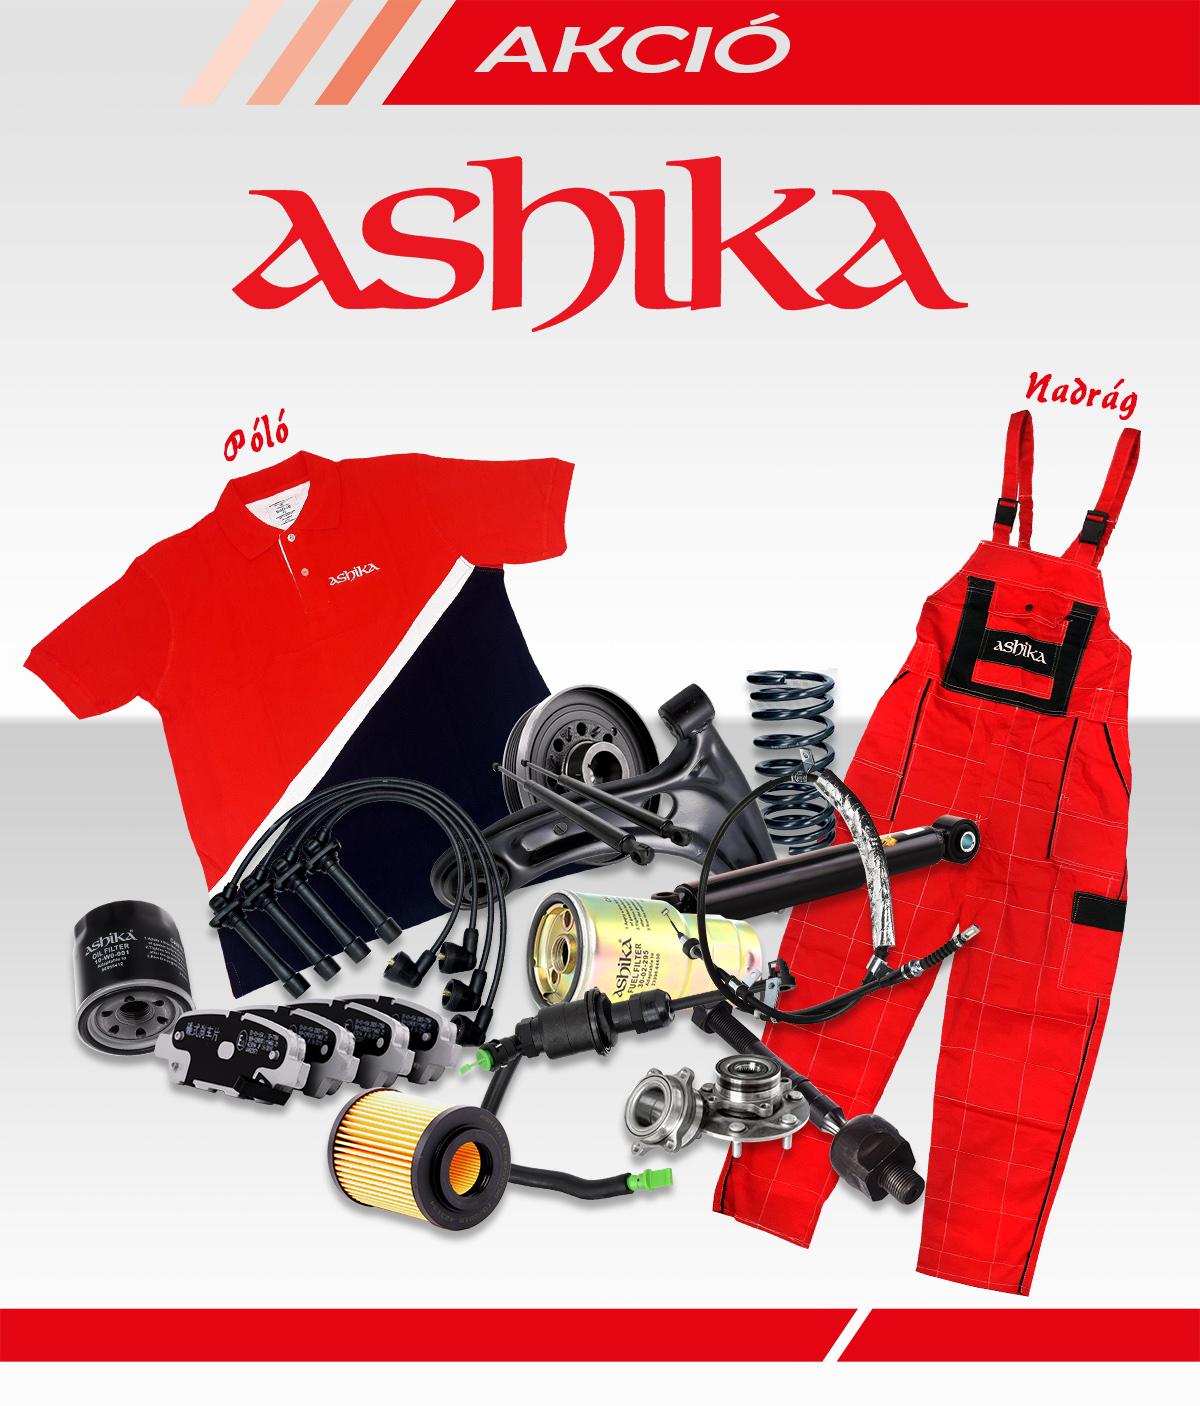 Ashika akció - Szakál Metal Kft.